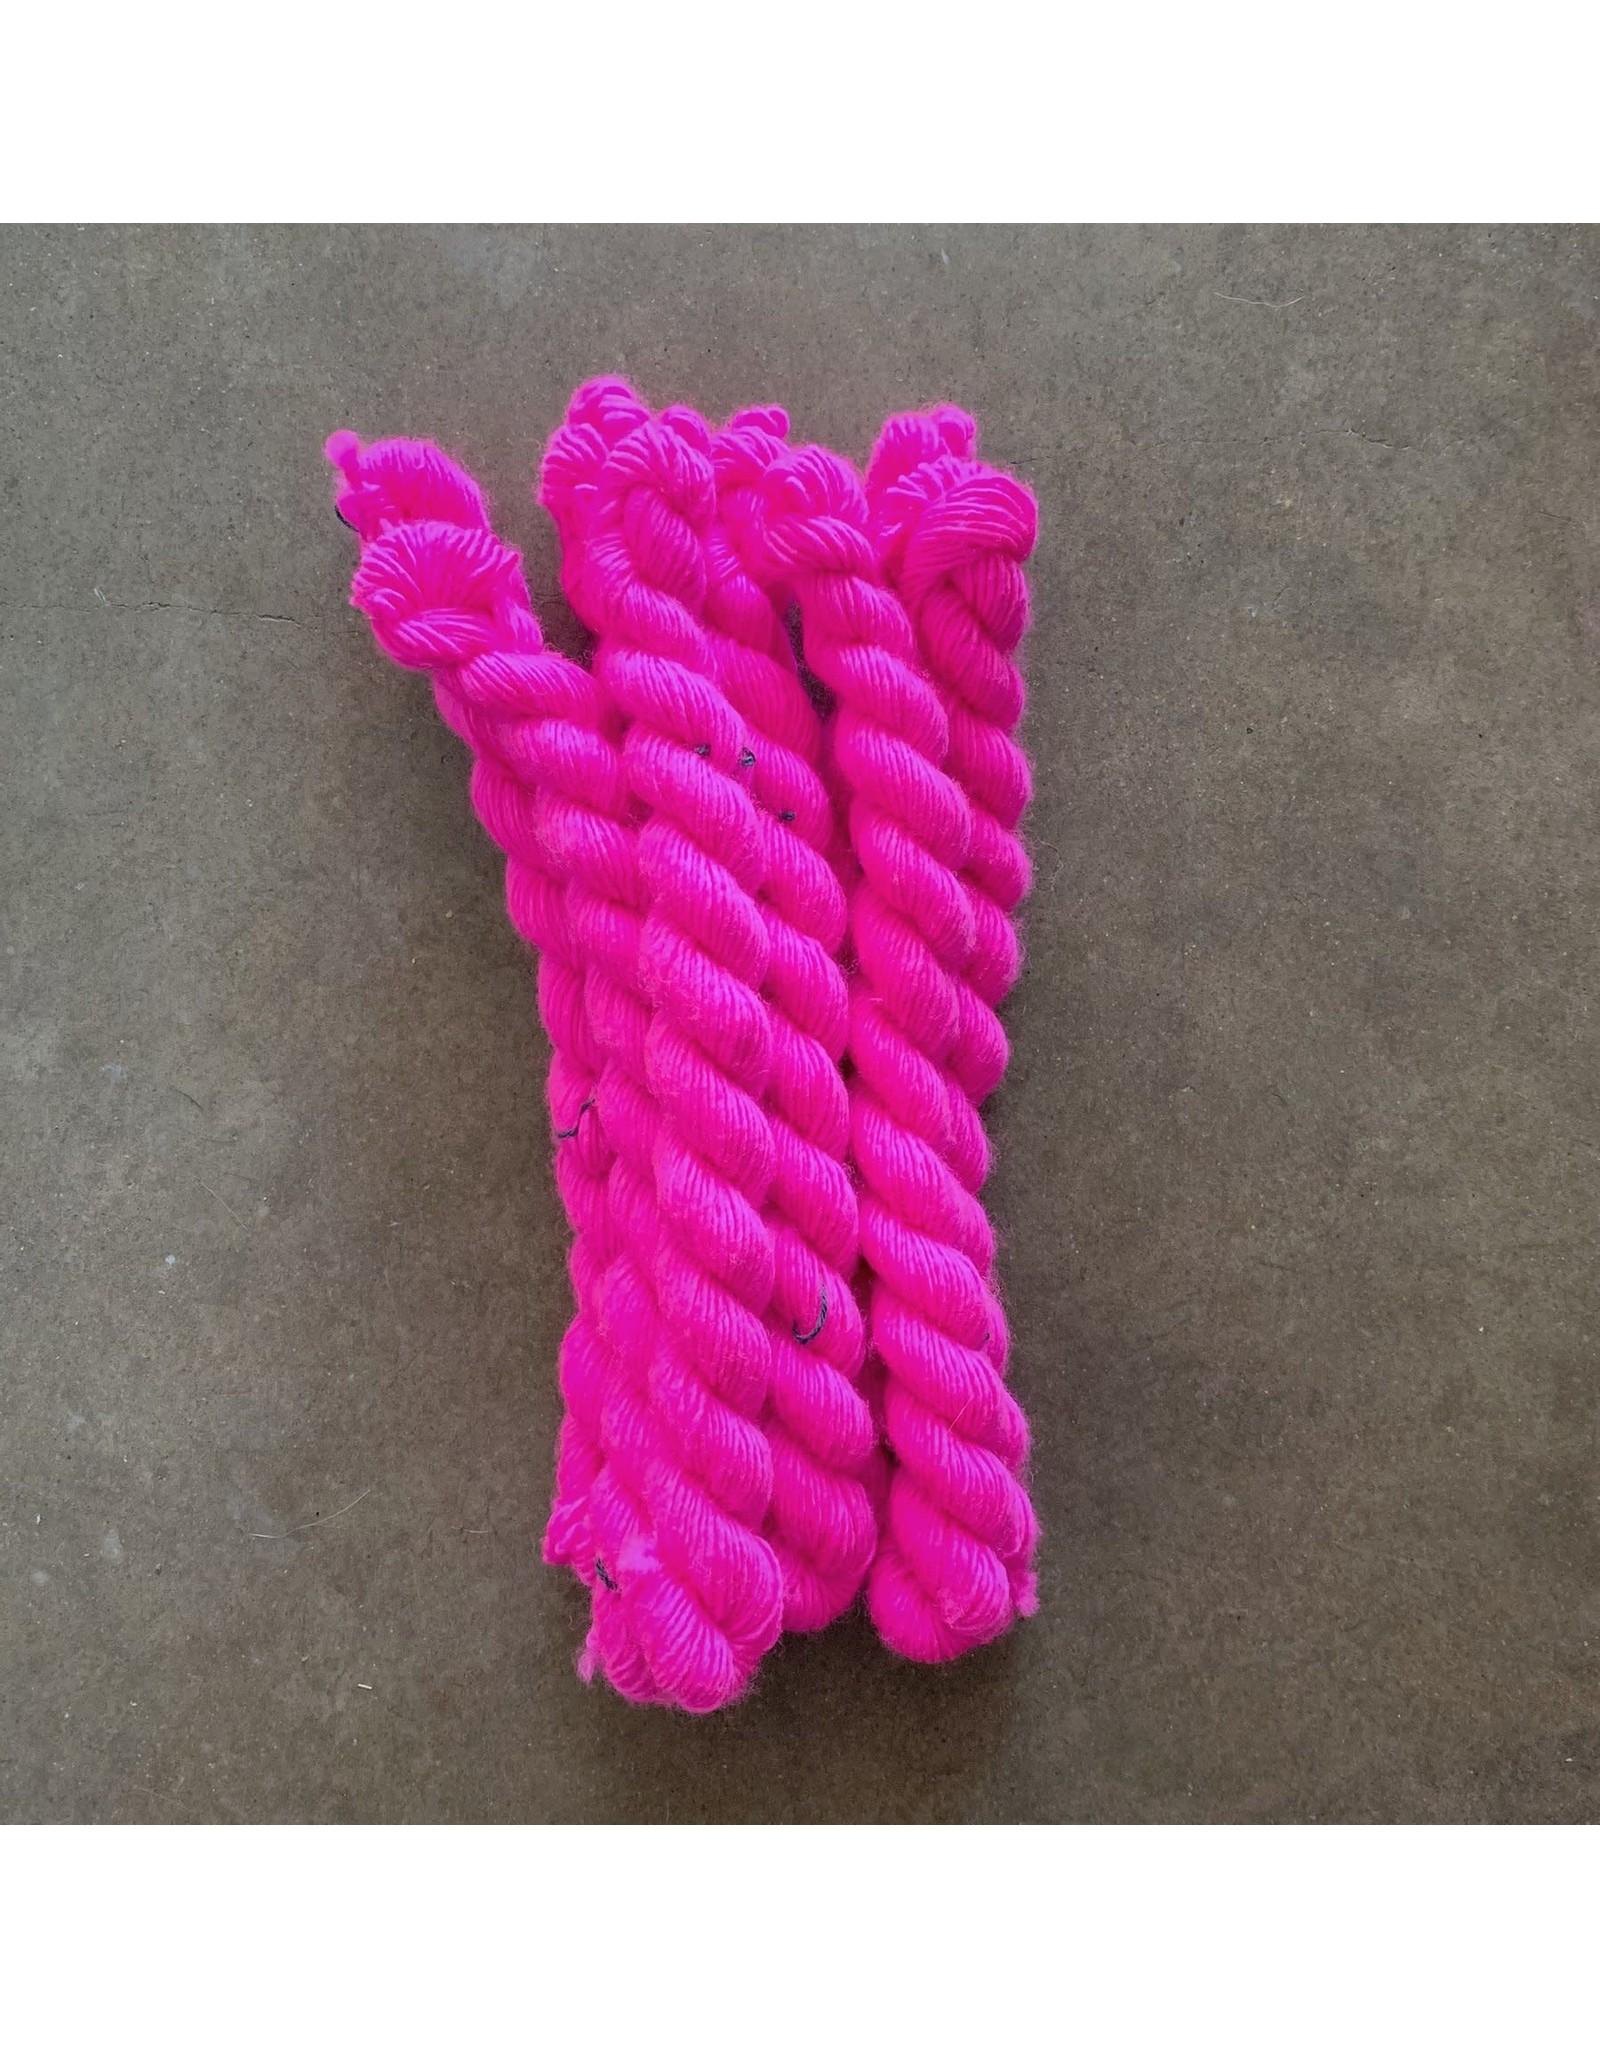 Fluoro Rose - Unicorn Tails - Madelinetosh